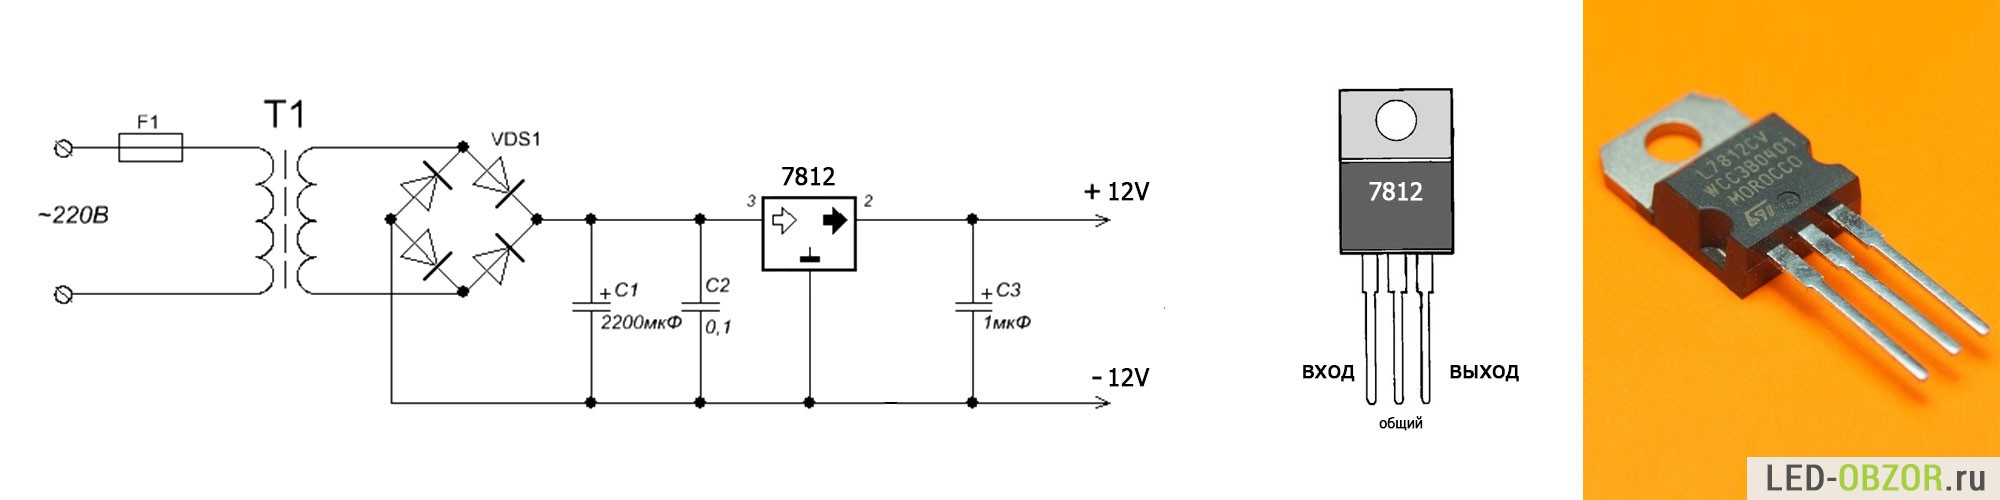 Драйвер 12в для светодиодов своими руками 88